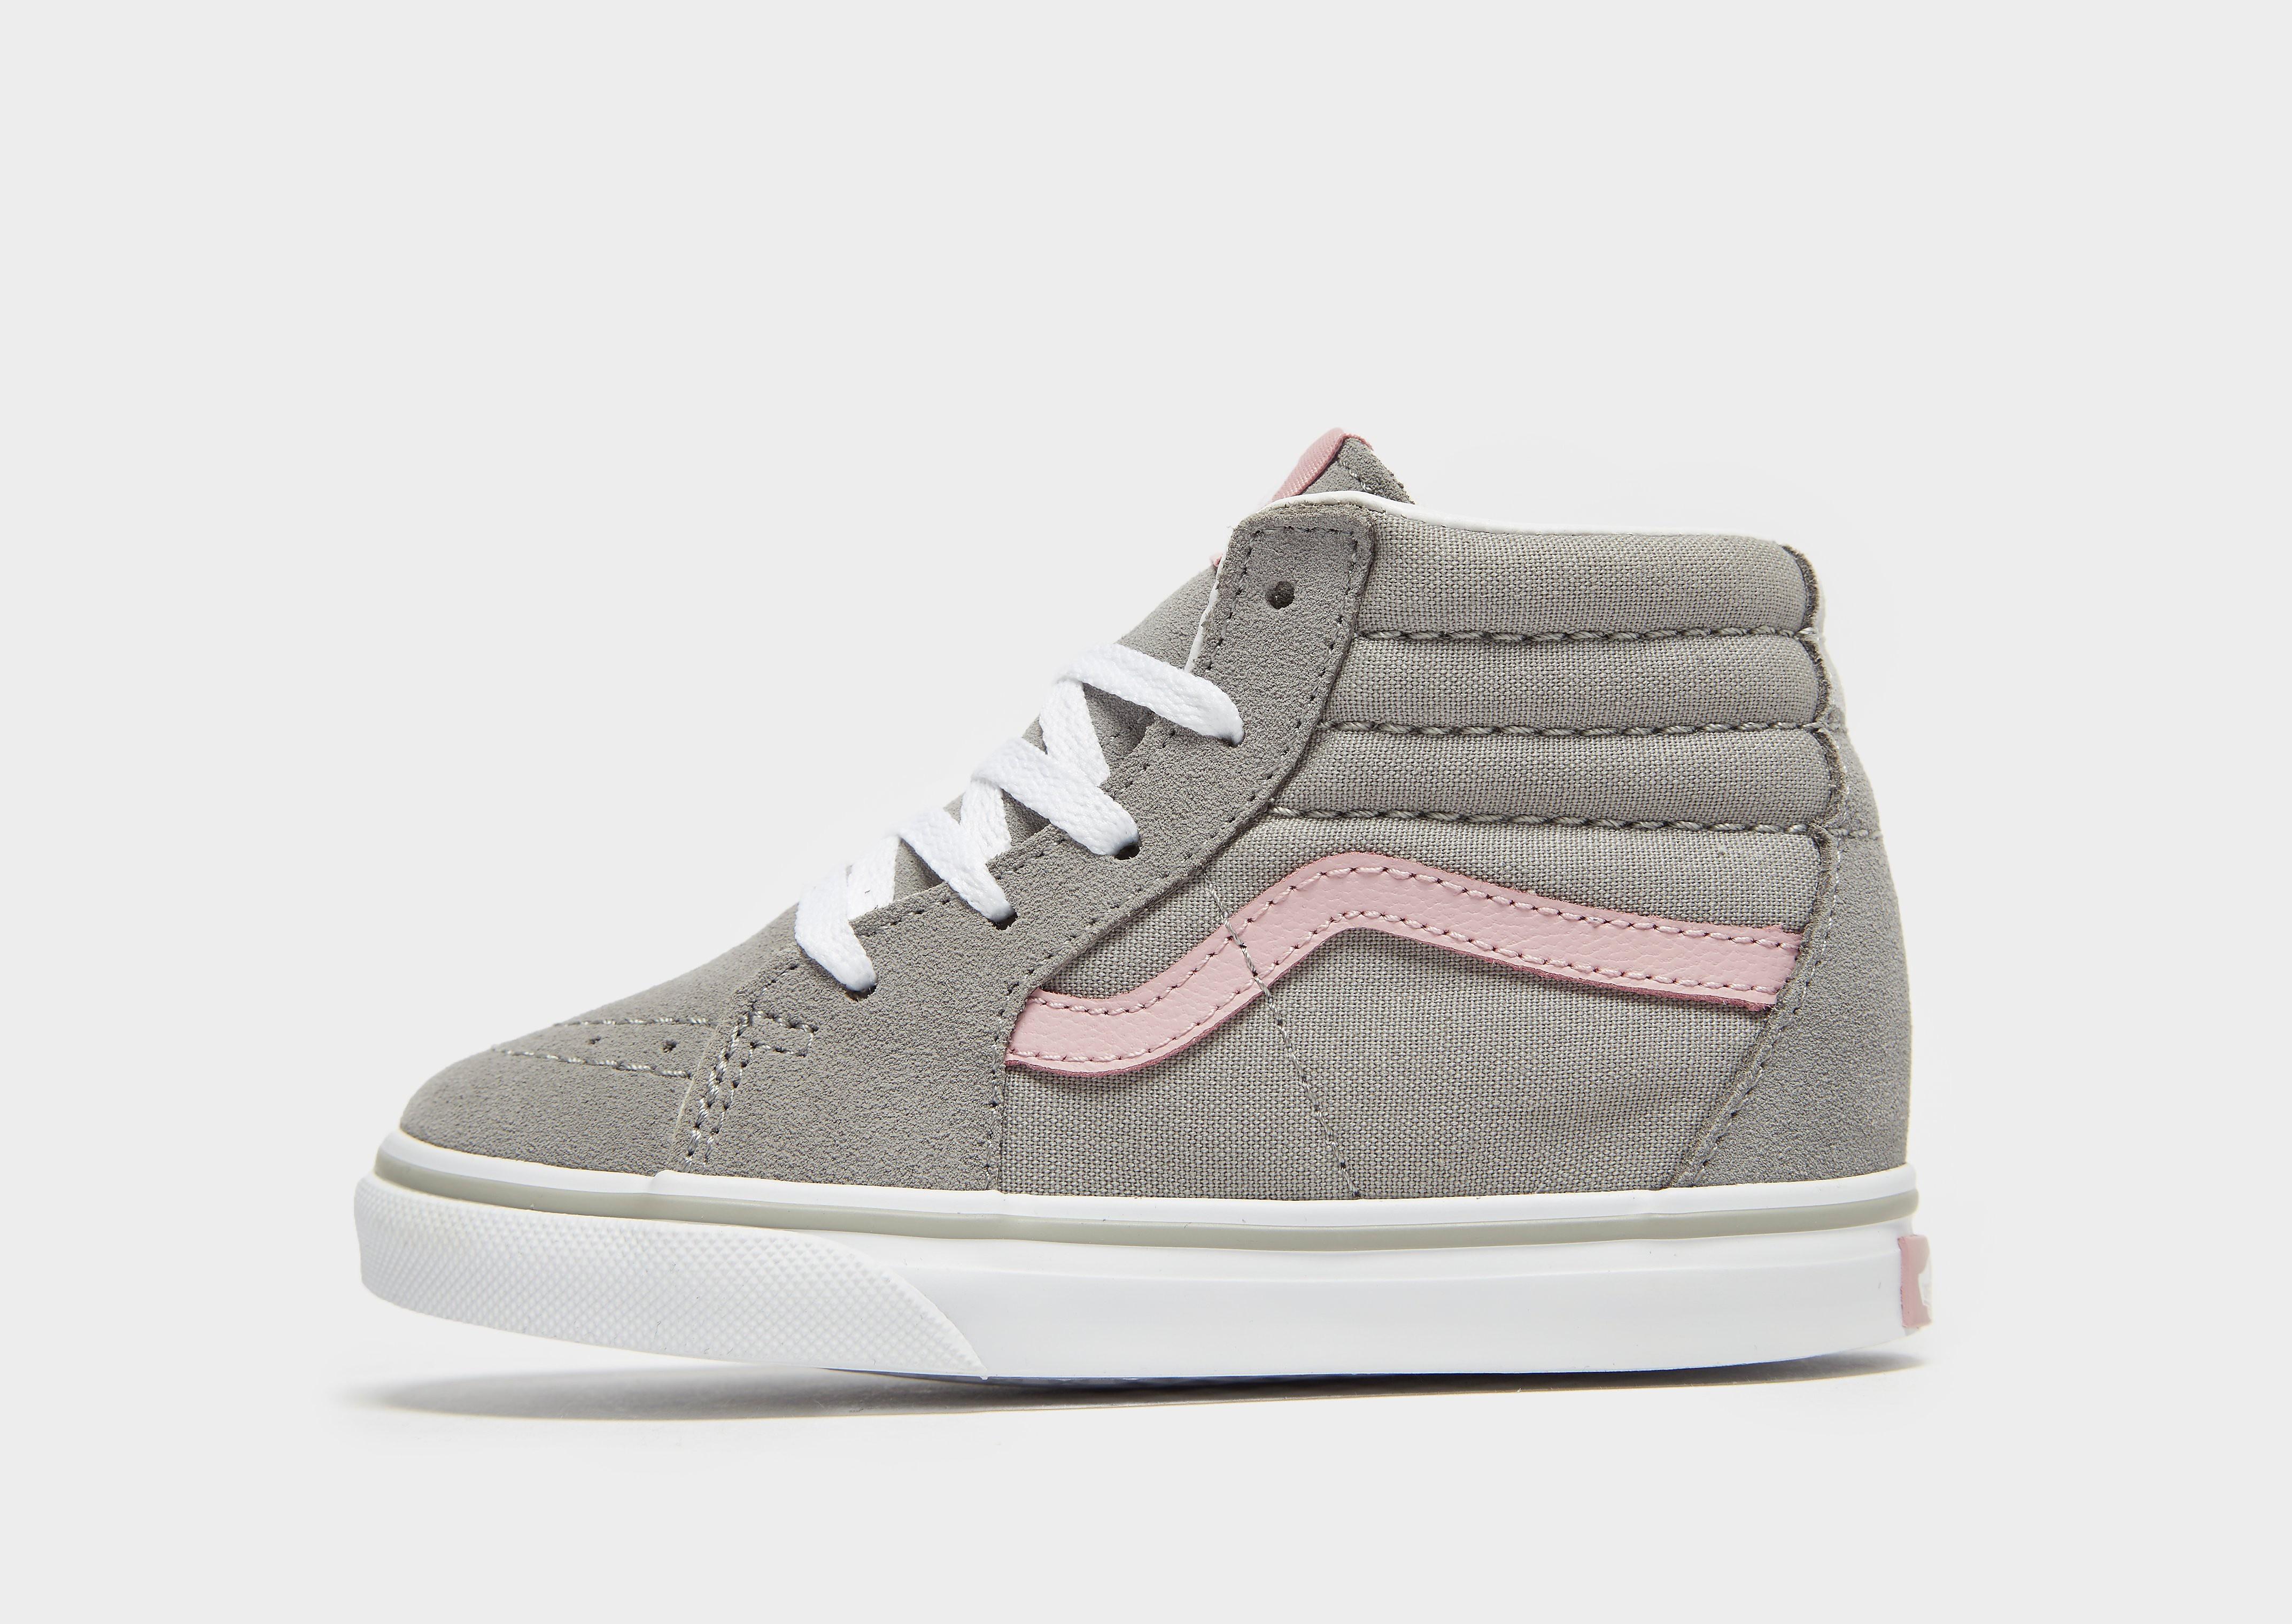 vans blauw grijs of roze wit